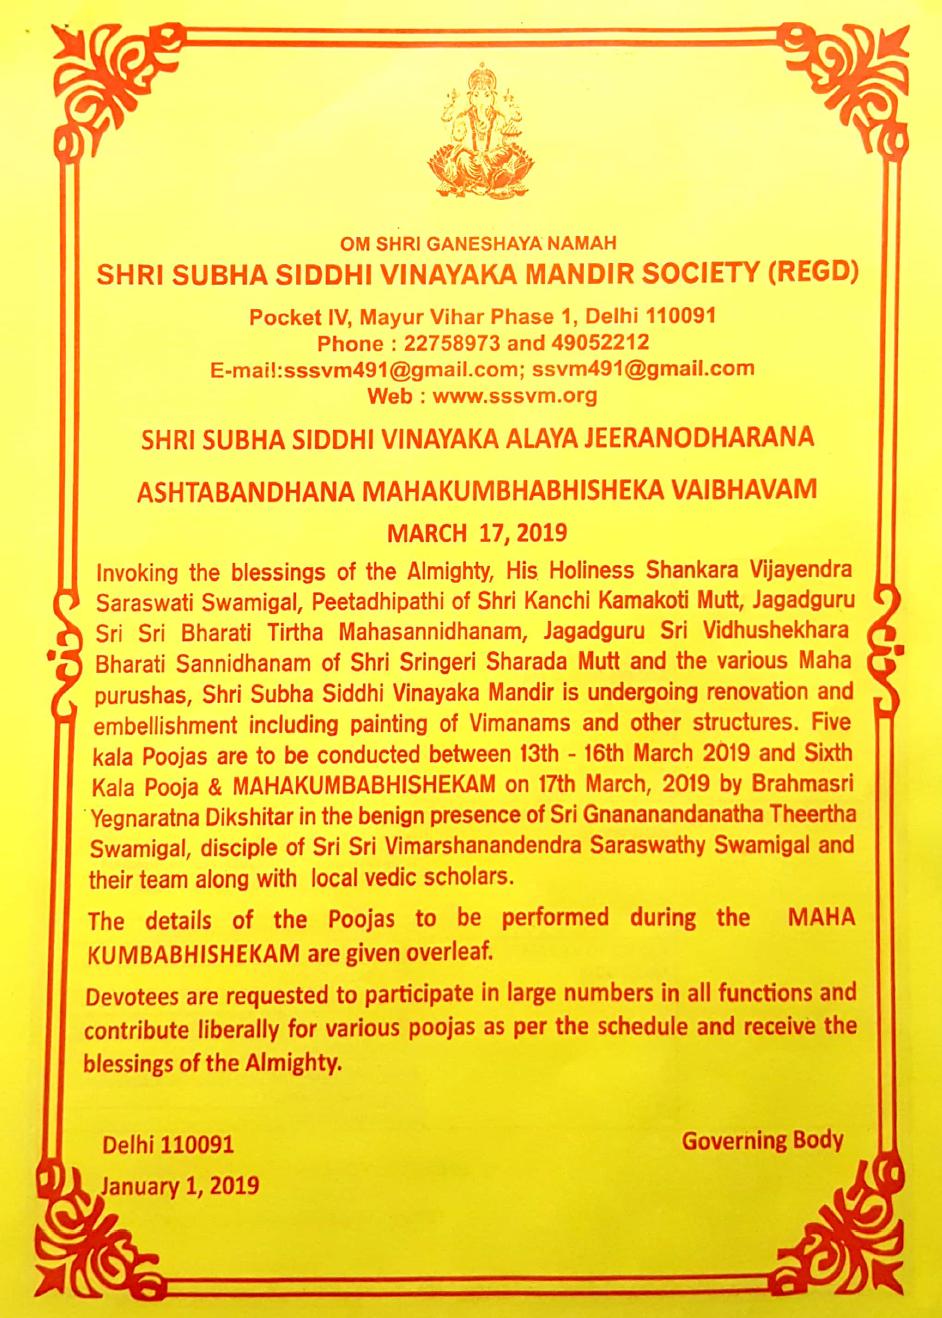 SidhiVinayakPage1.jpg